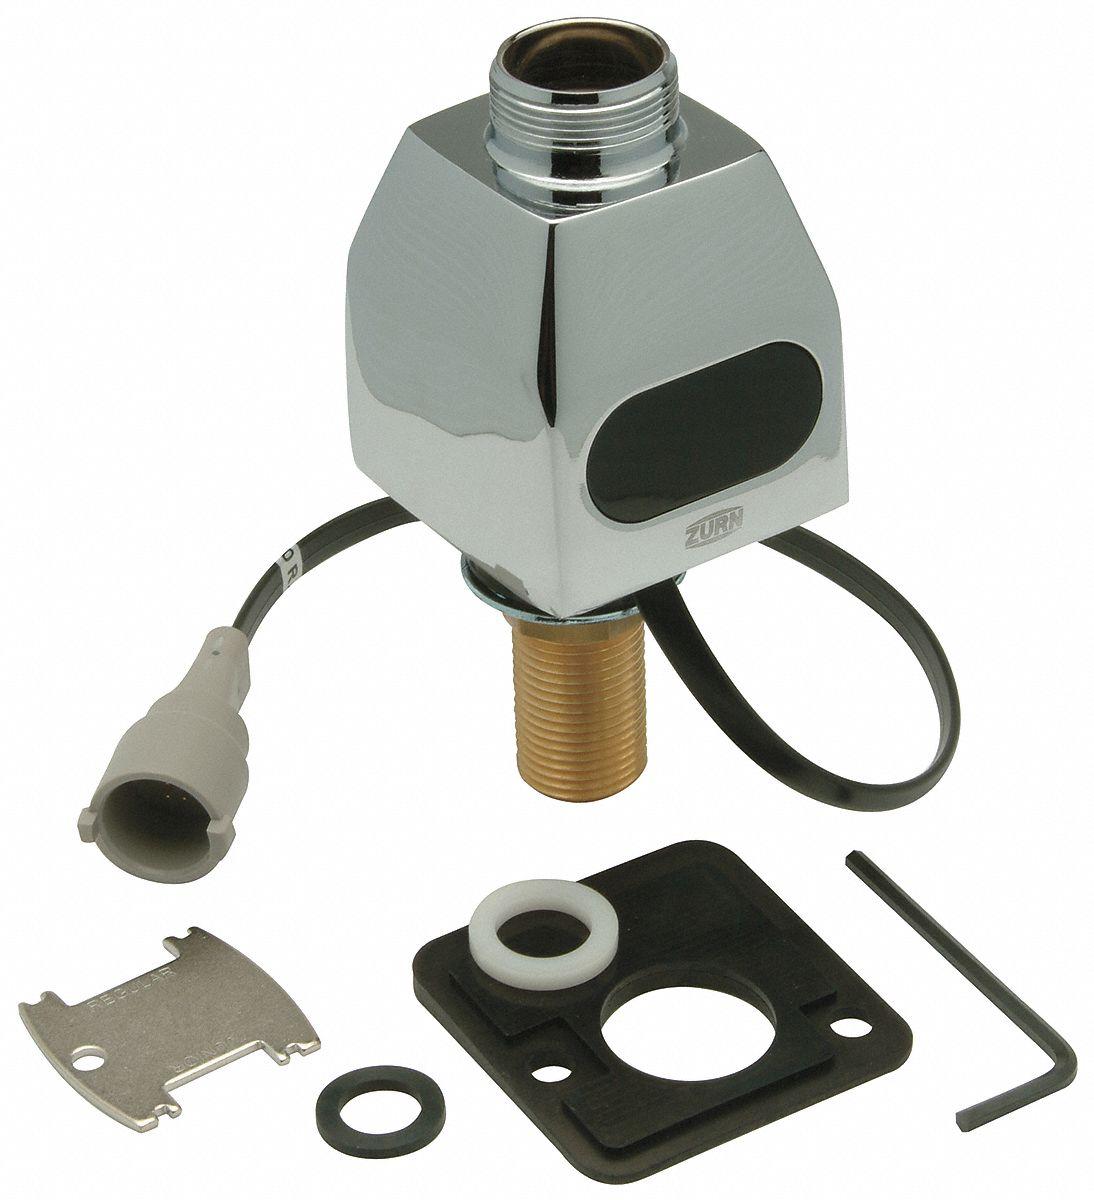 Zurn Spout Base For Sensor Faucets 30pt20 P6920 Xl 1